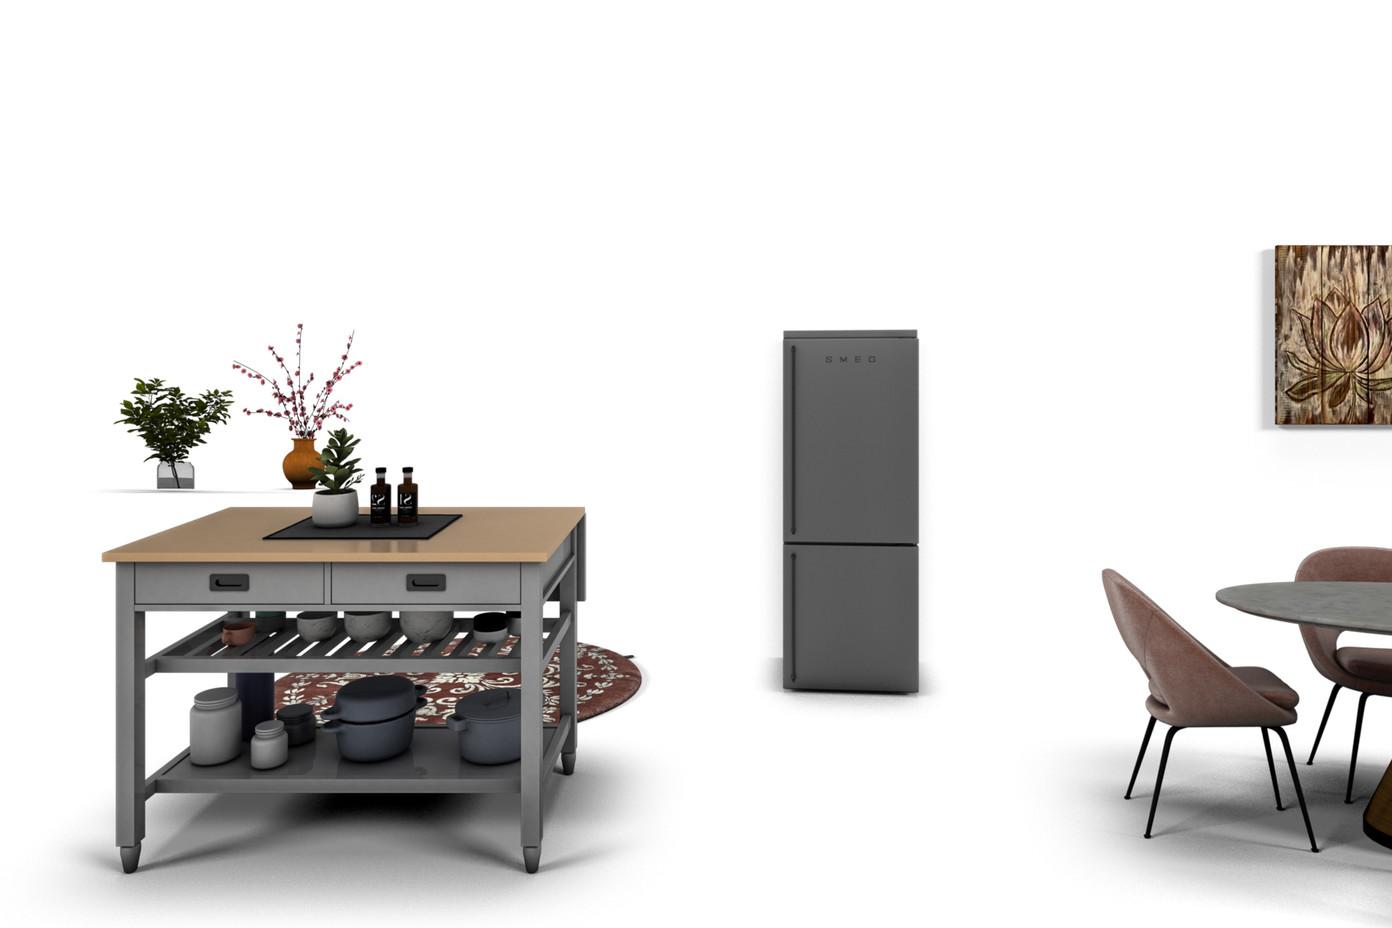 Kitchen Bohemian 1.jpg